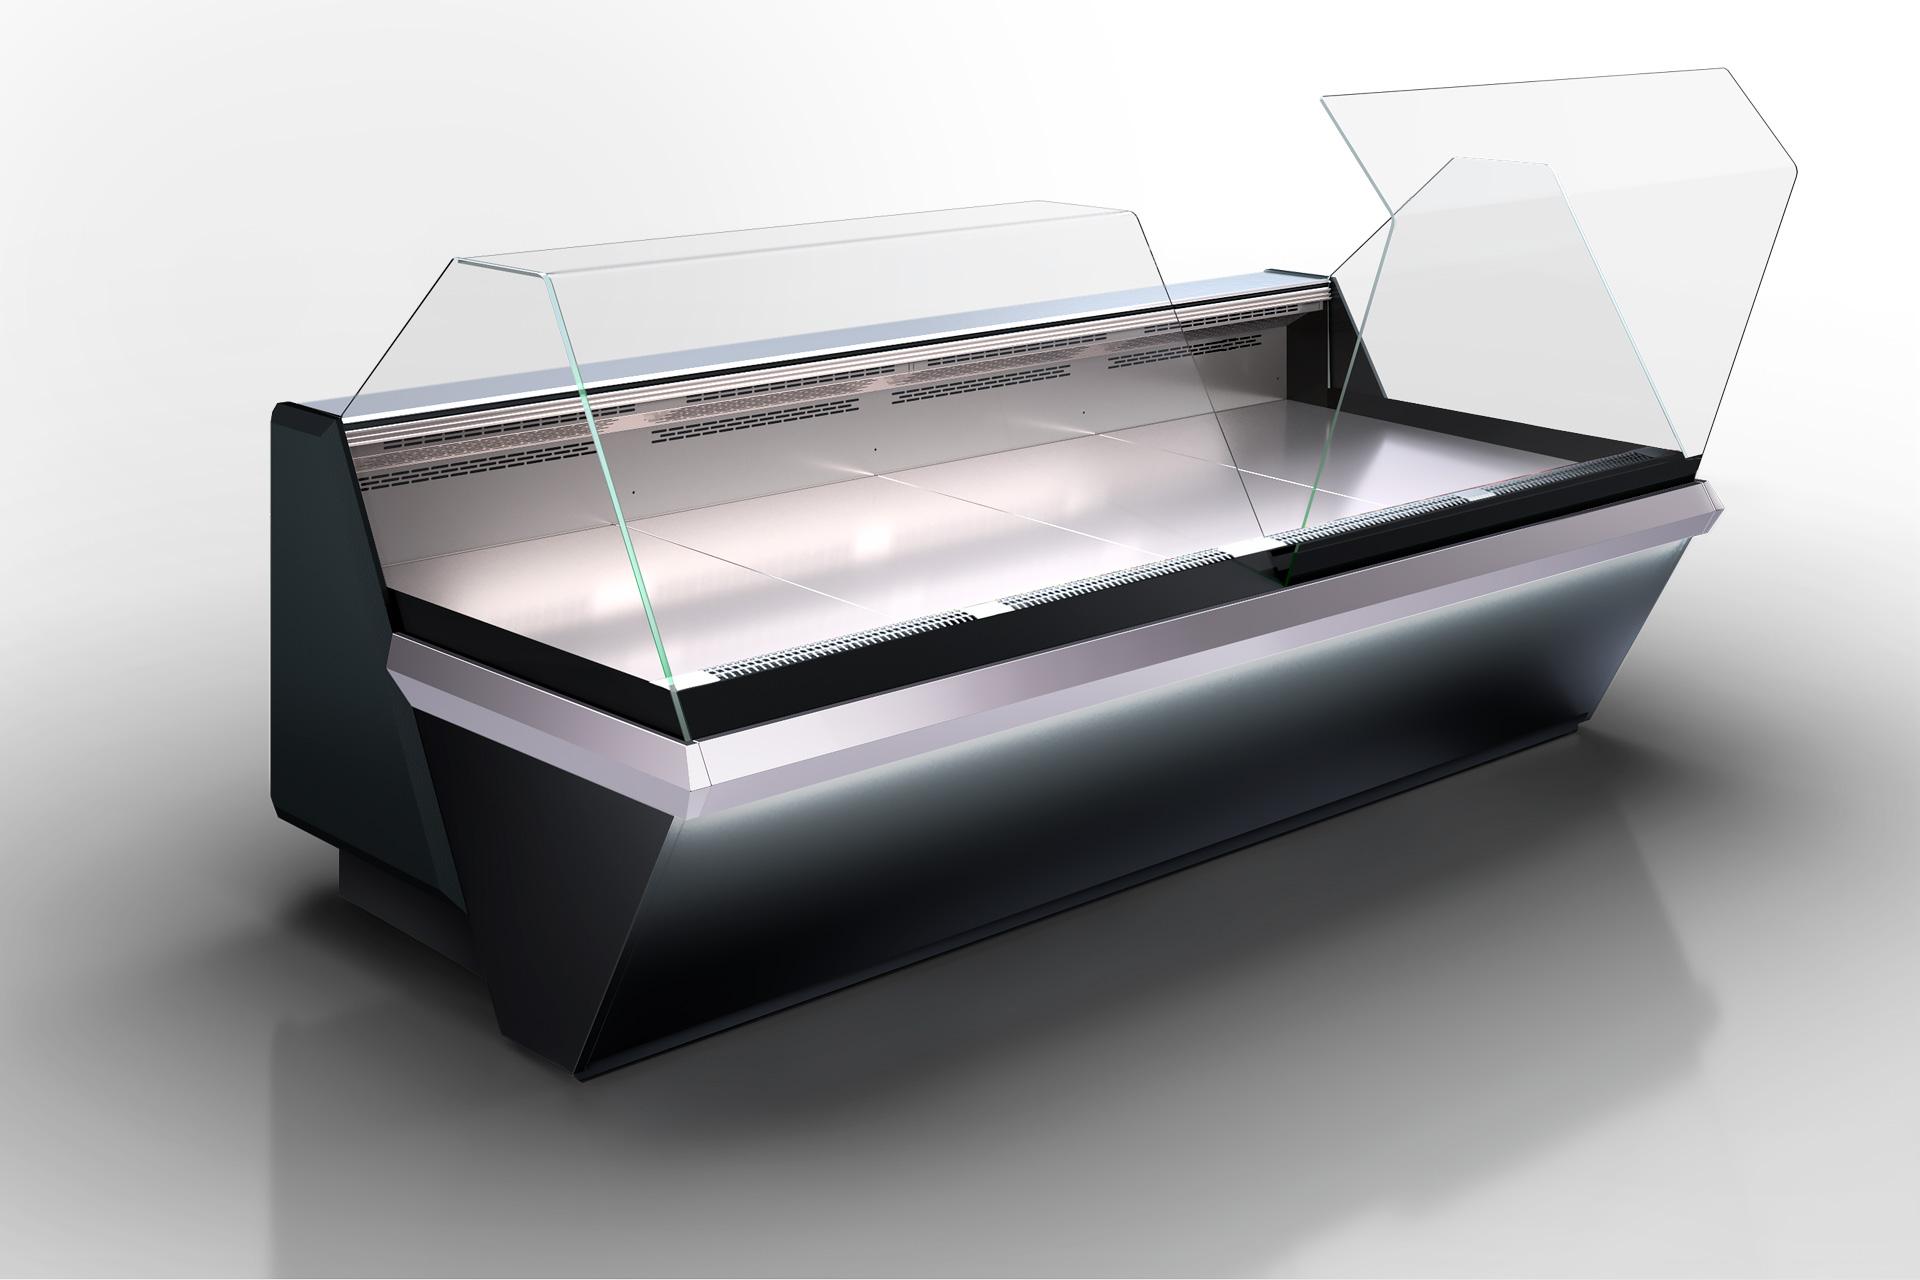 Refrigerated counters Missouri enigma MK 120 deli OS 120-DBM